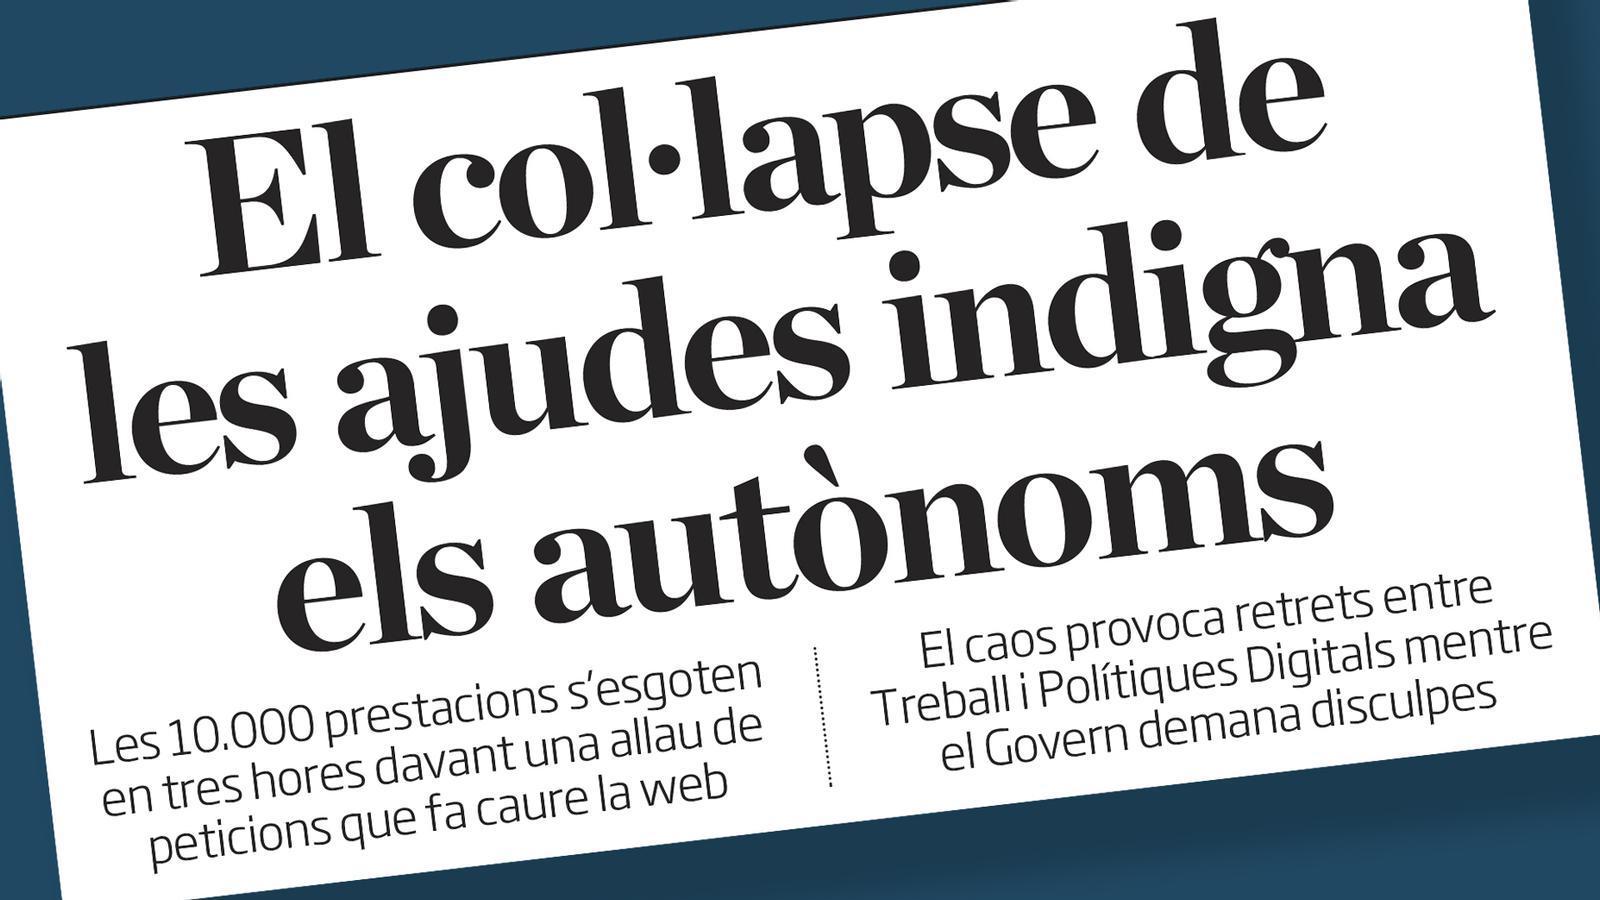 El Govern demana disculpes als autònoms; baixarà la velocitat dels cotxes per ciutat; també votarem en pavellons: les claus del dia, amb Antoni Bassas (11/11/2020)